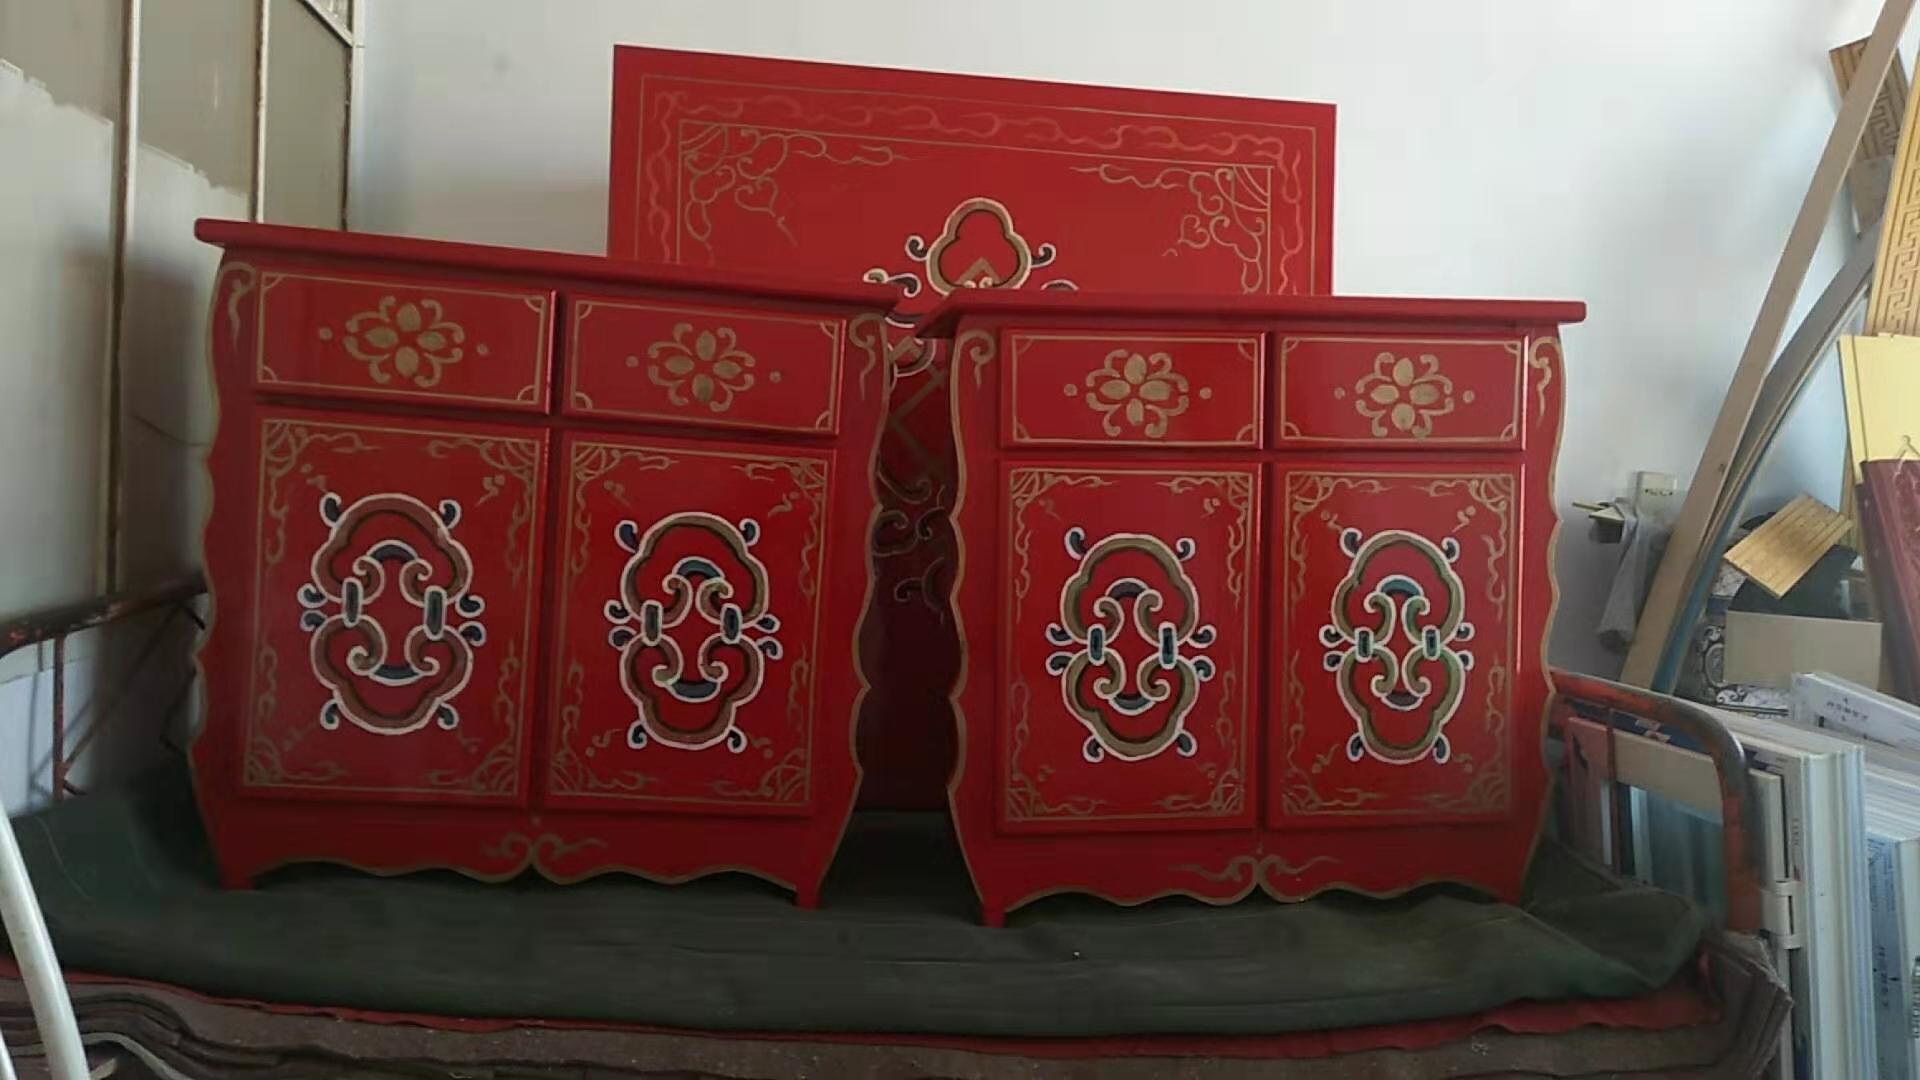 诈玛宴桌子厂家-希拉穆仁镇利博传统毡包品牌诈玛宴桌子供应商